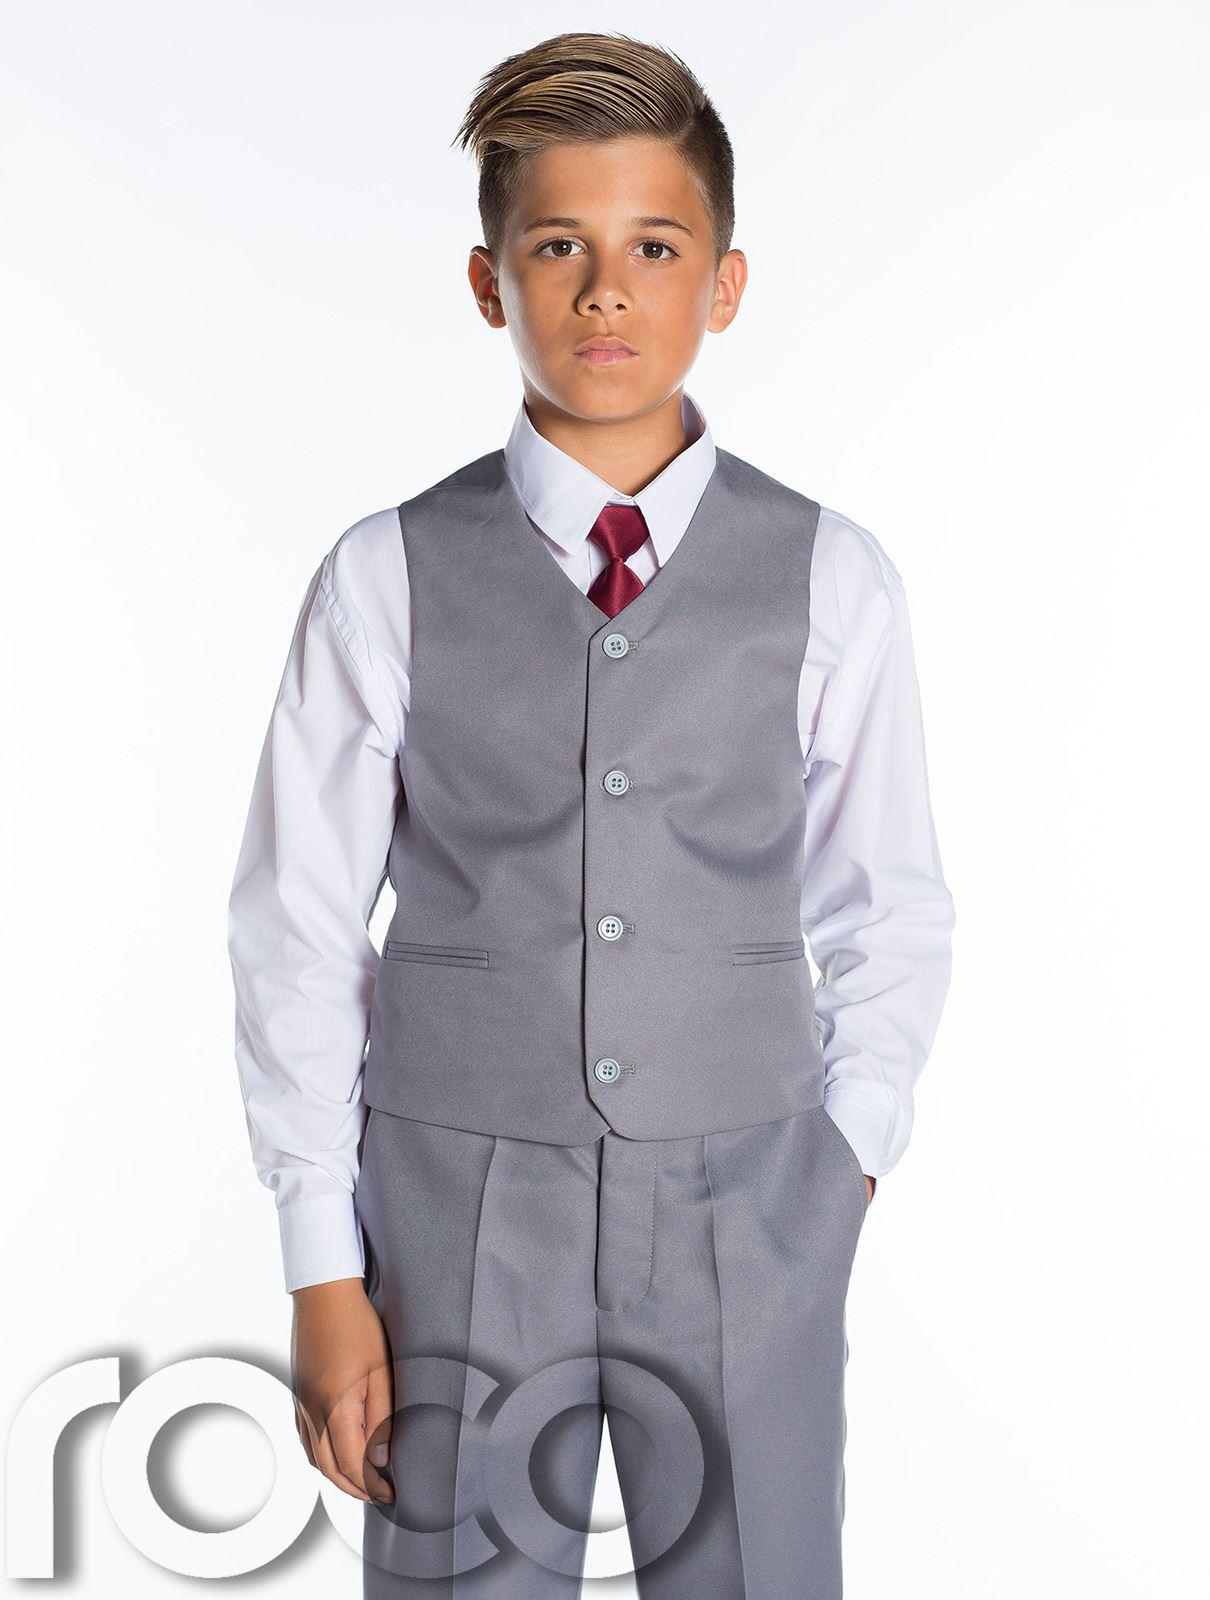 Boys Suits, Boys Wedding Suits, Page Boy Suits, 3 Colours, 1 - 14 ...